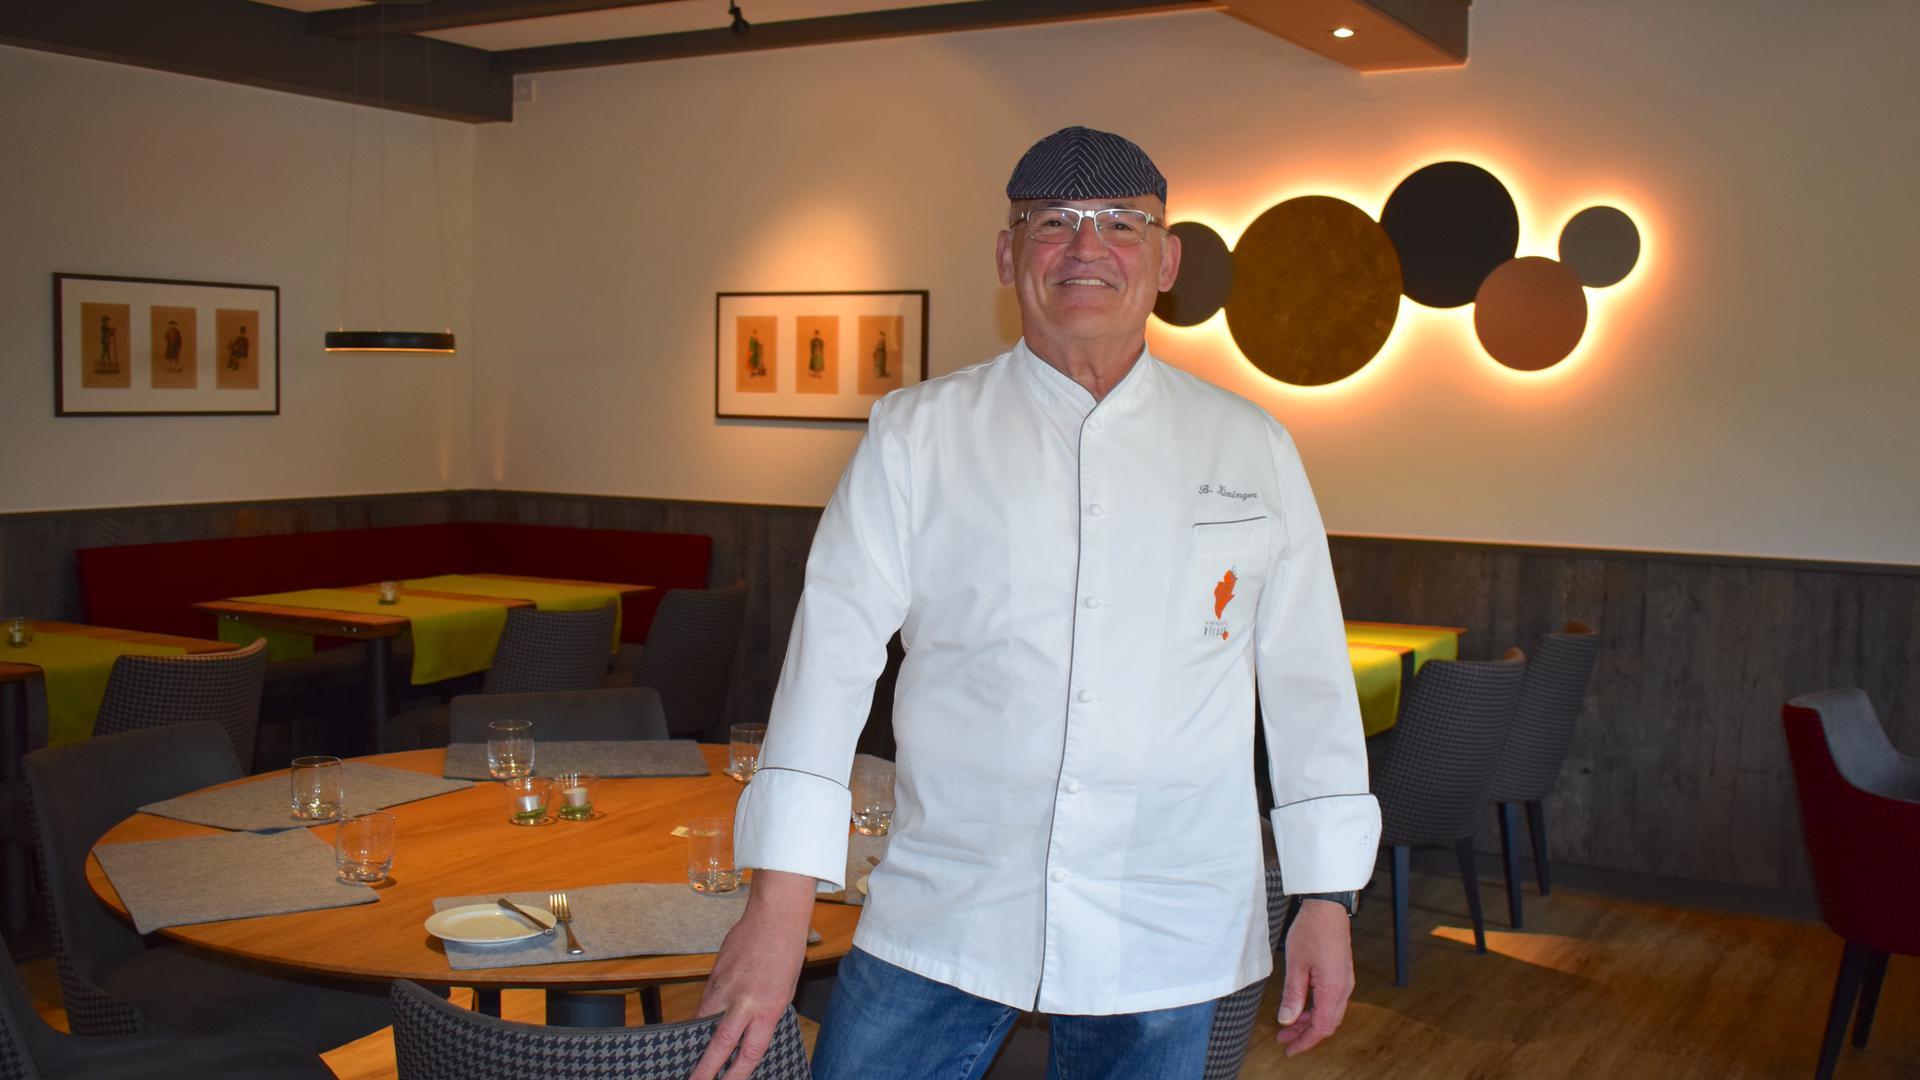 Ein strahlend lächelnder Mann mit weißer Kochjacke und dunkler Schiebermütze steht in einem modernen Gastraum.